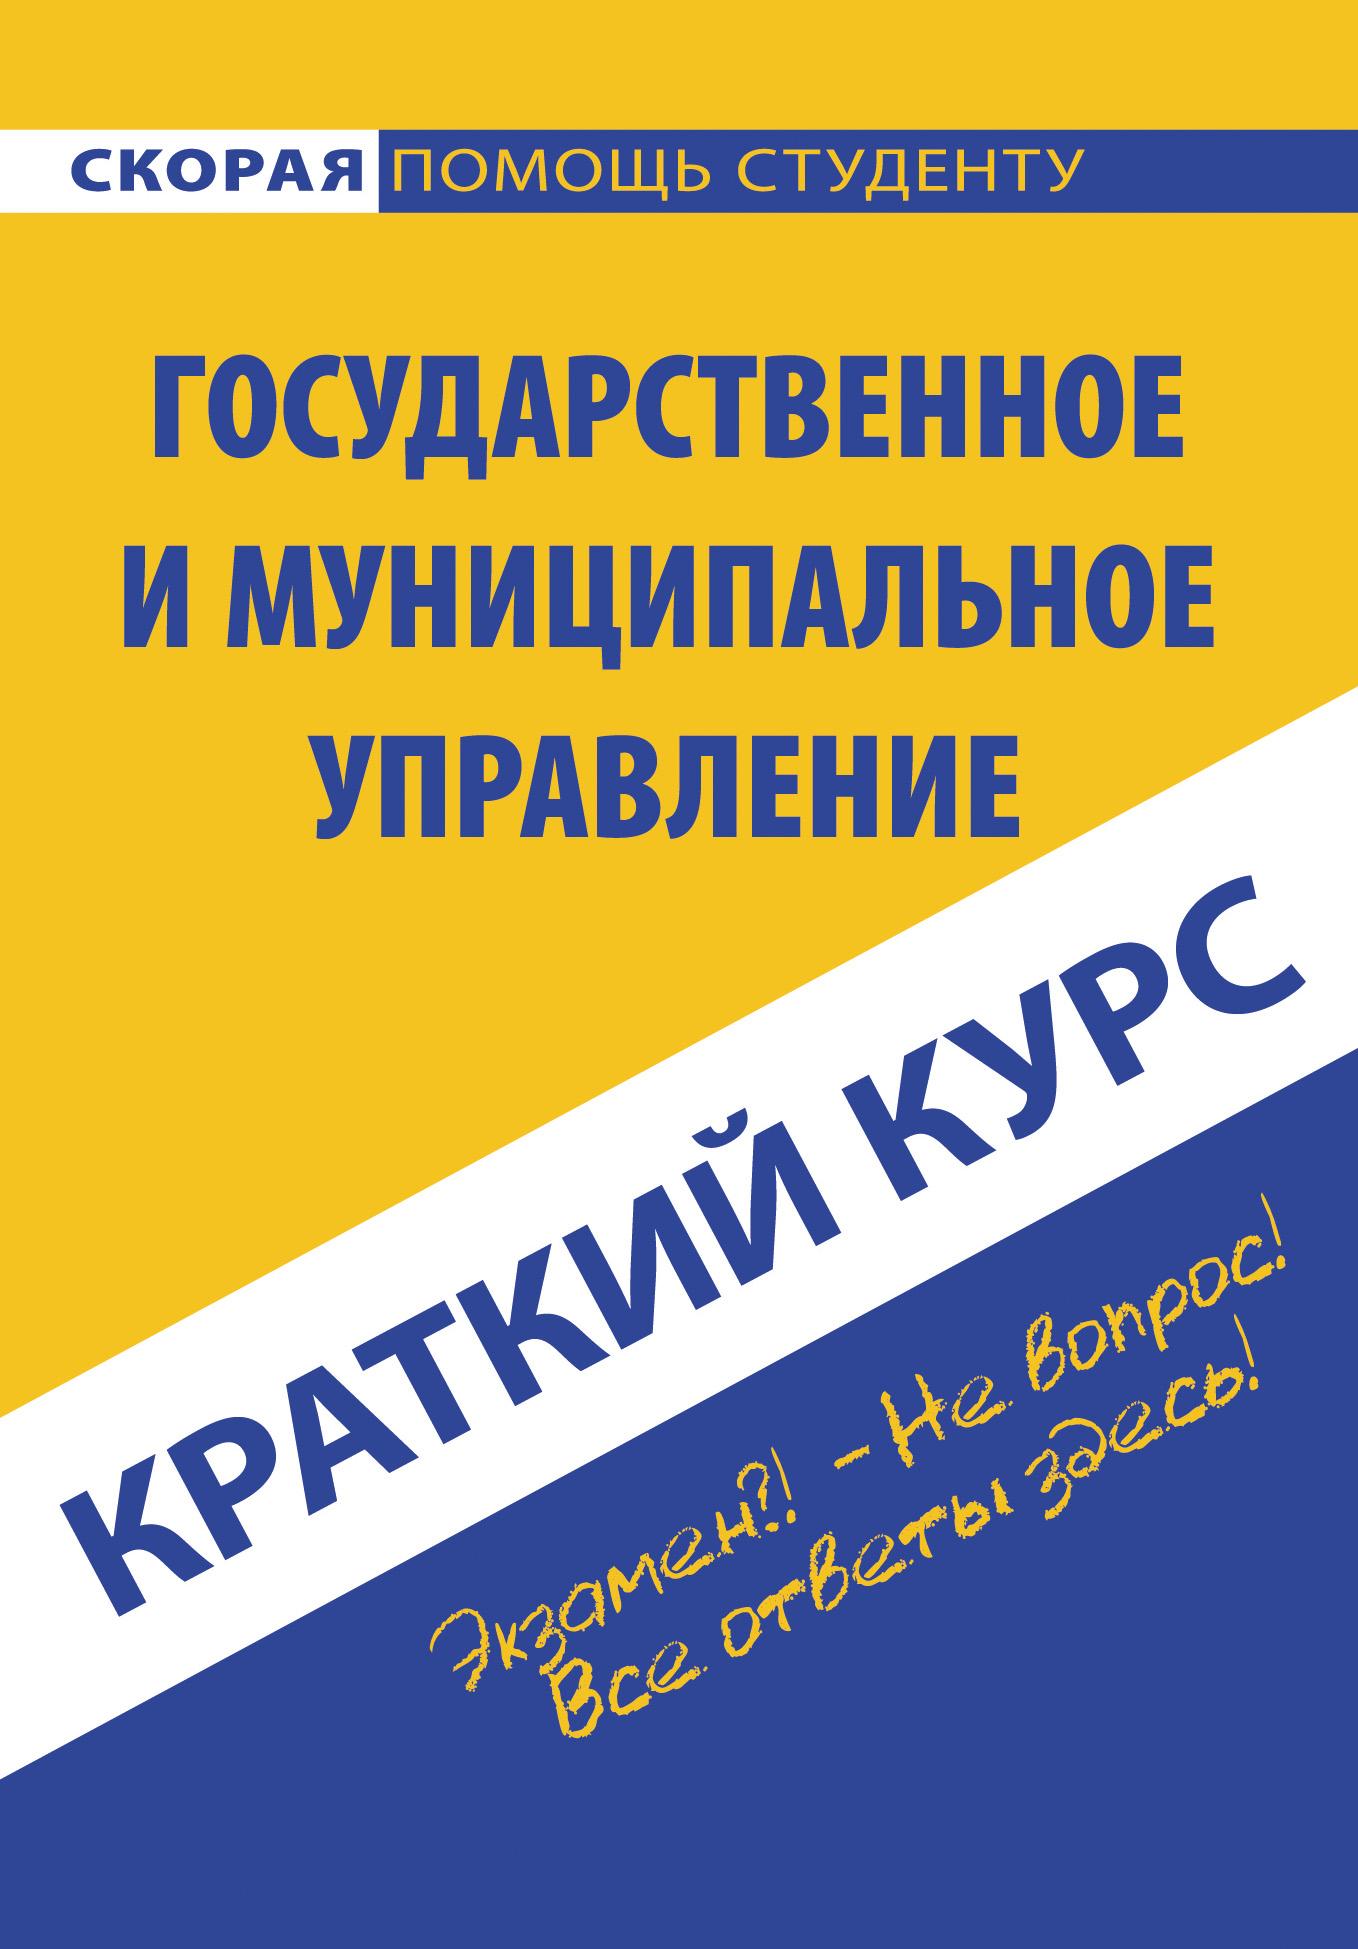 Коллектив авторов Государственное и муниципальное управление коллектив авторов государственное и муниципальное управление